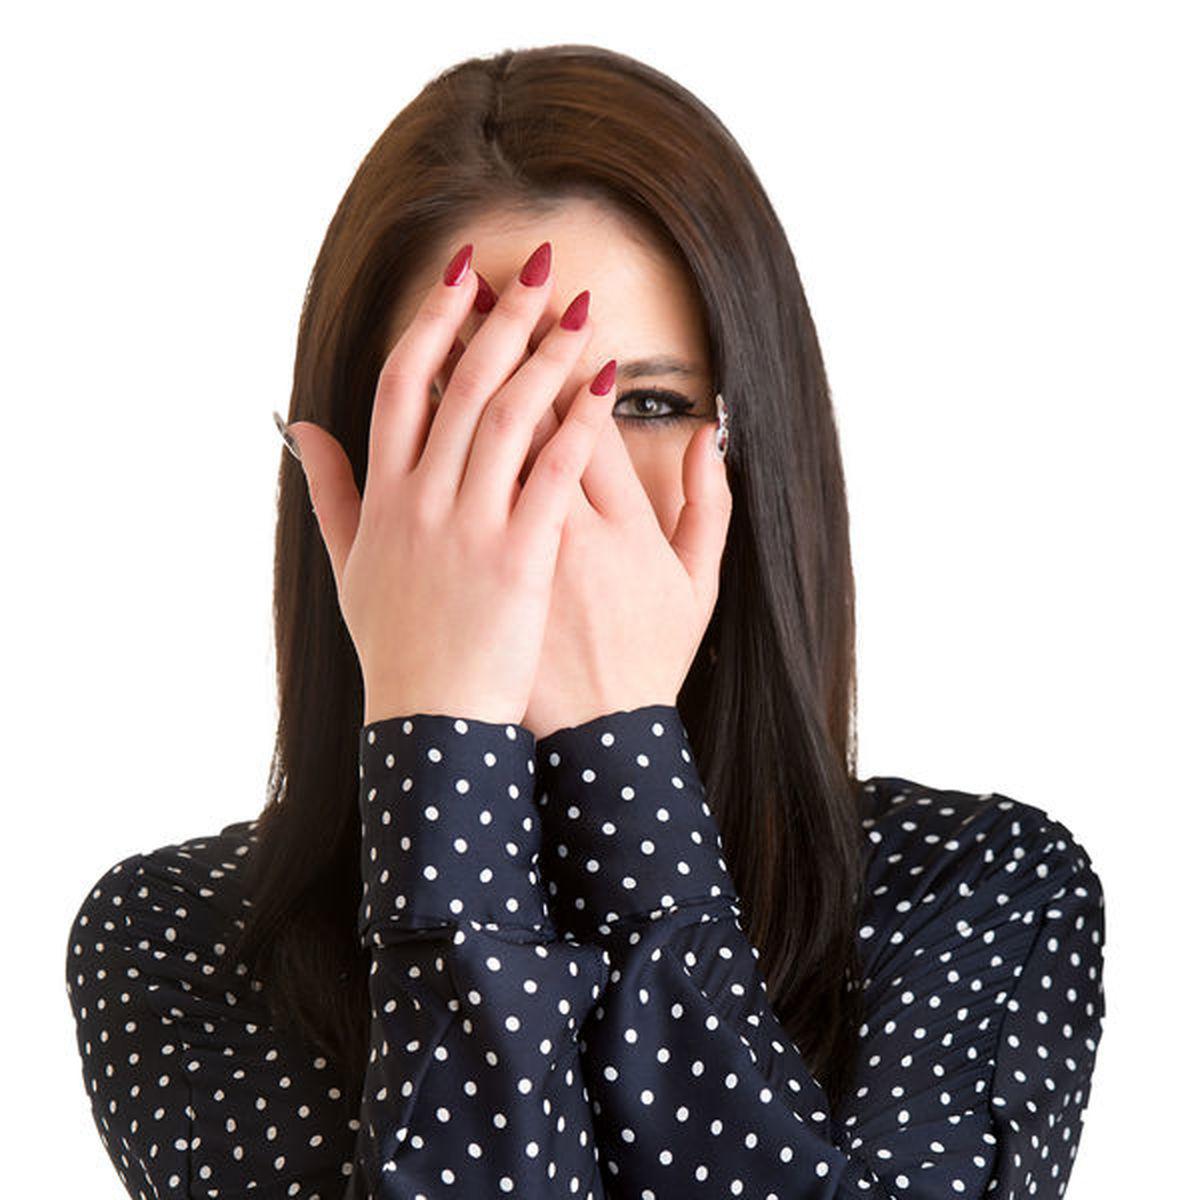 آیا خجالتی بودن بیماری است؟